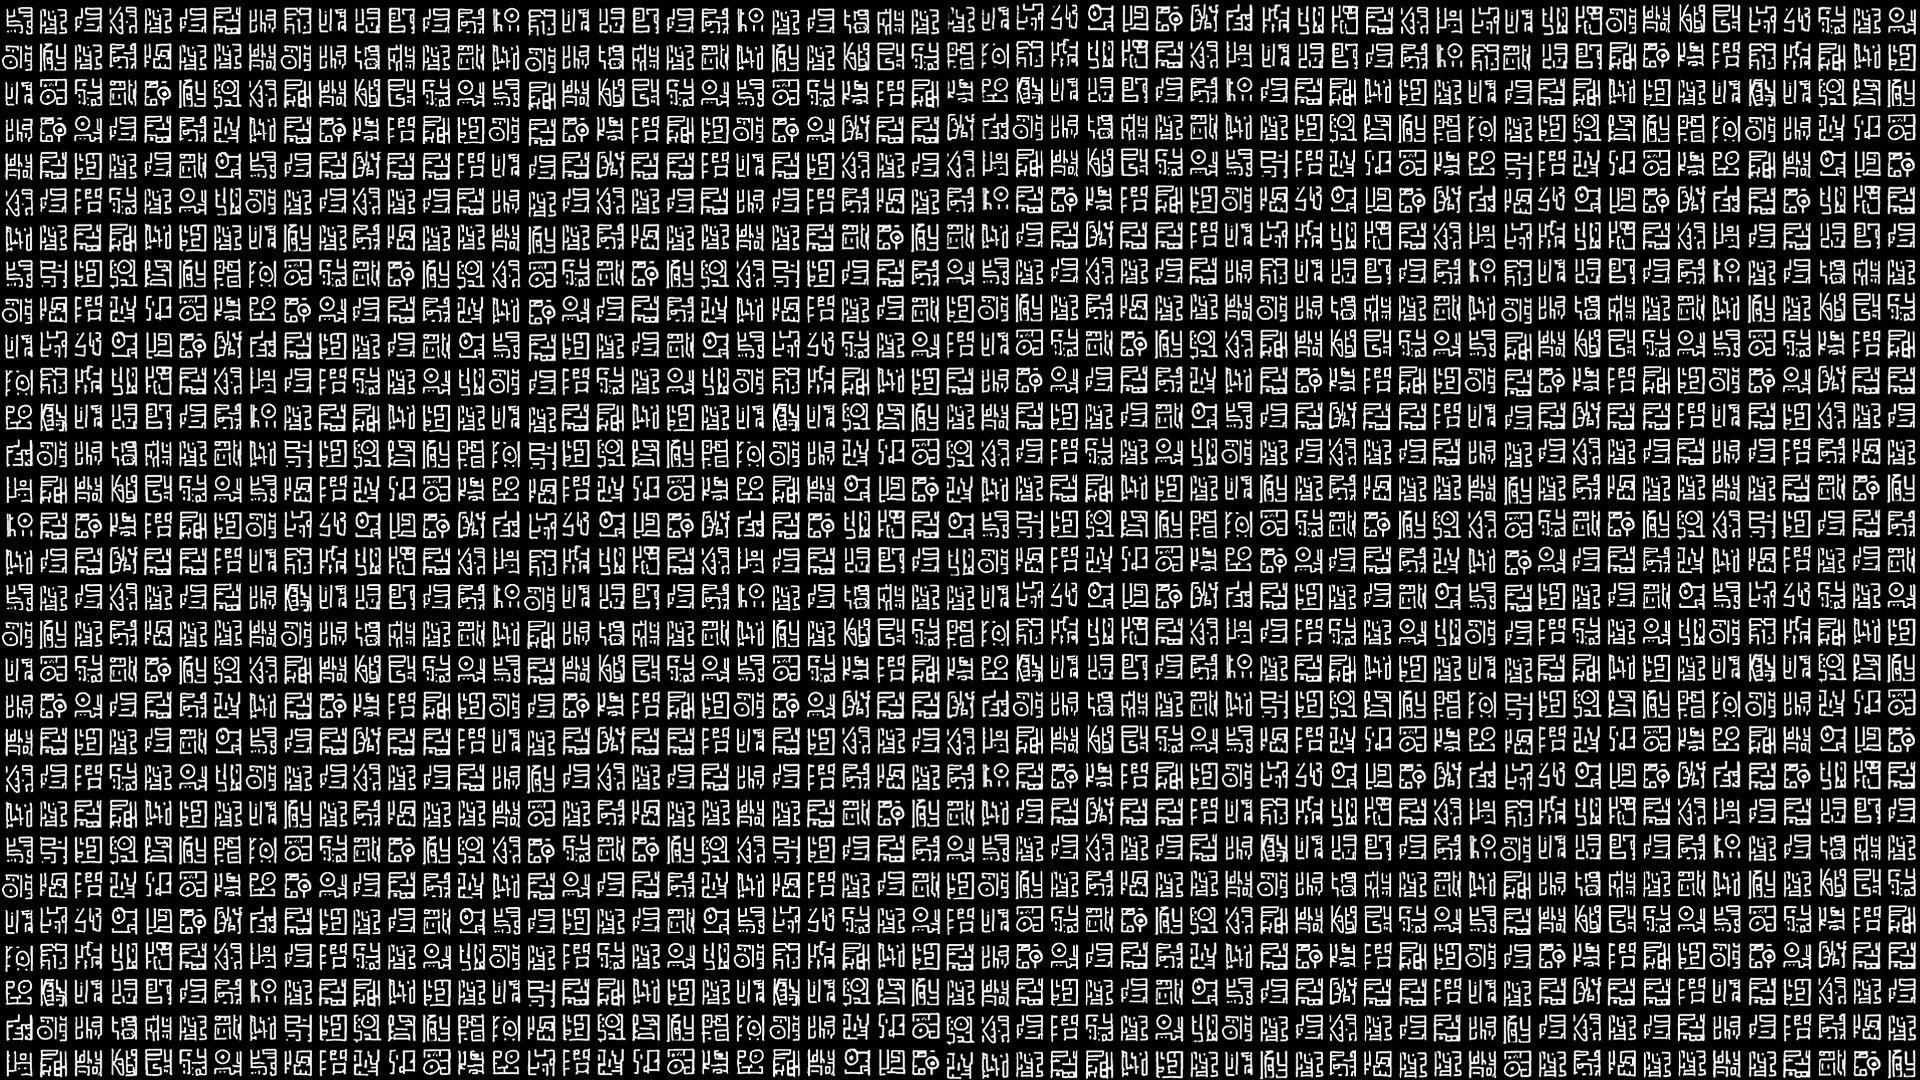 117935 Protetores de tela e papéis de parede Desenho em seu telefone. Baixe Desenho, Fundo, Textura, Texturas, Foto, Raso, Pequeno, Quadrados fotos gratuitamente